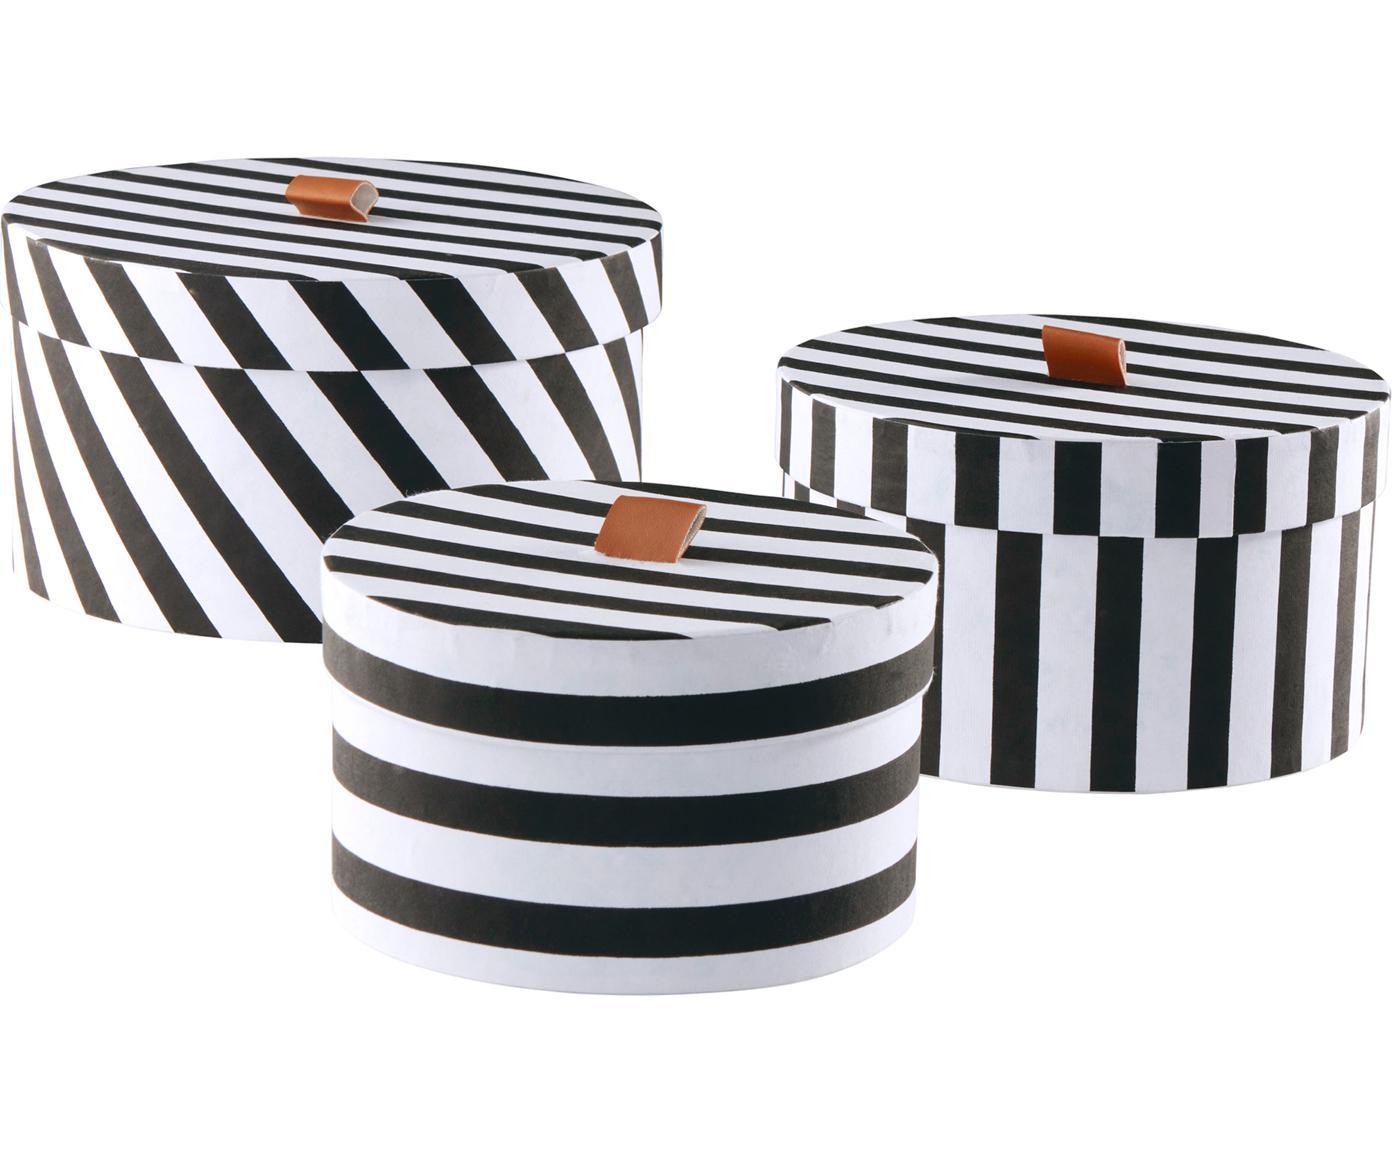 Set 3 scatole Dizzy, Cartone, Nero, bianco, marrone, Diverse dimensioni